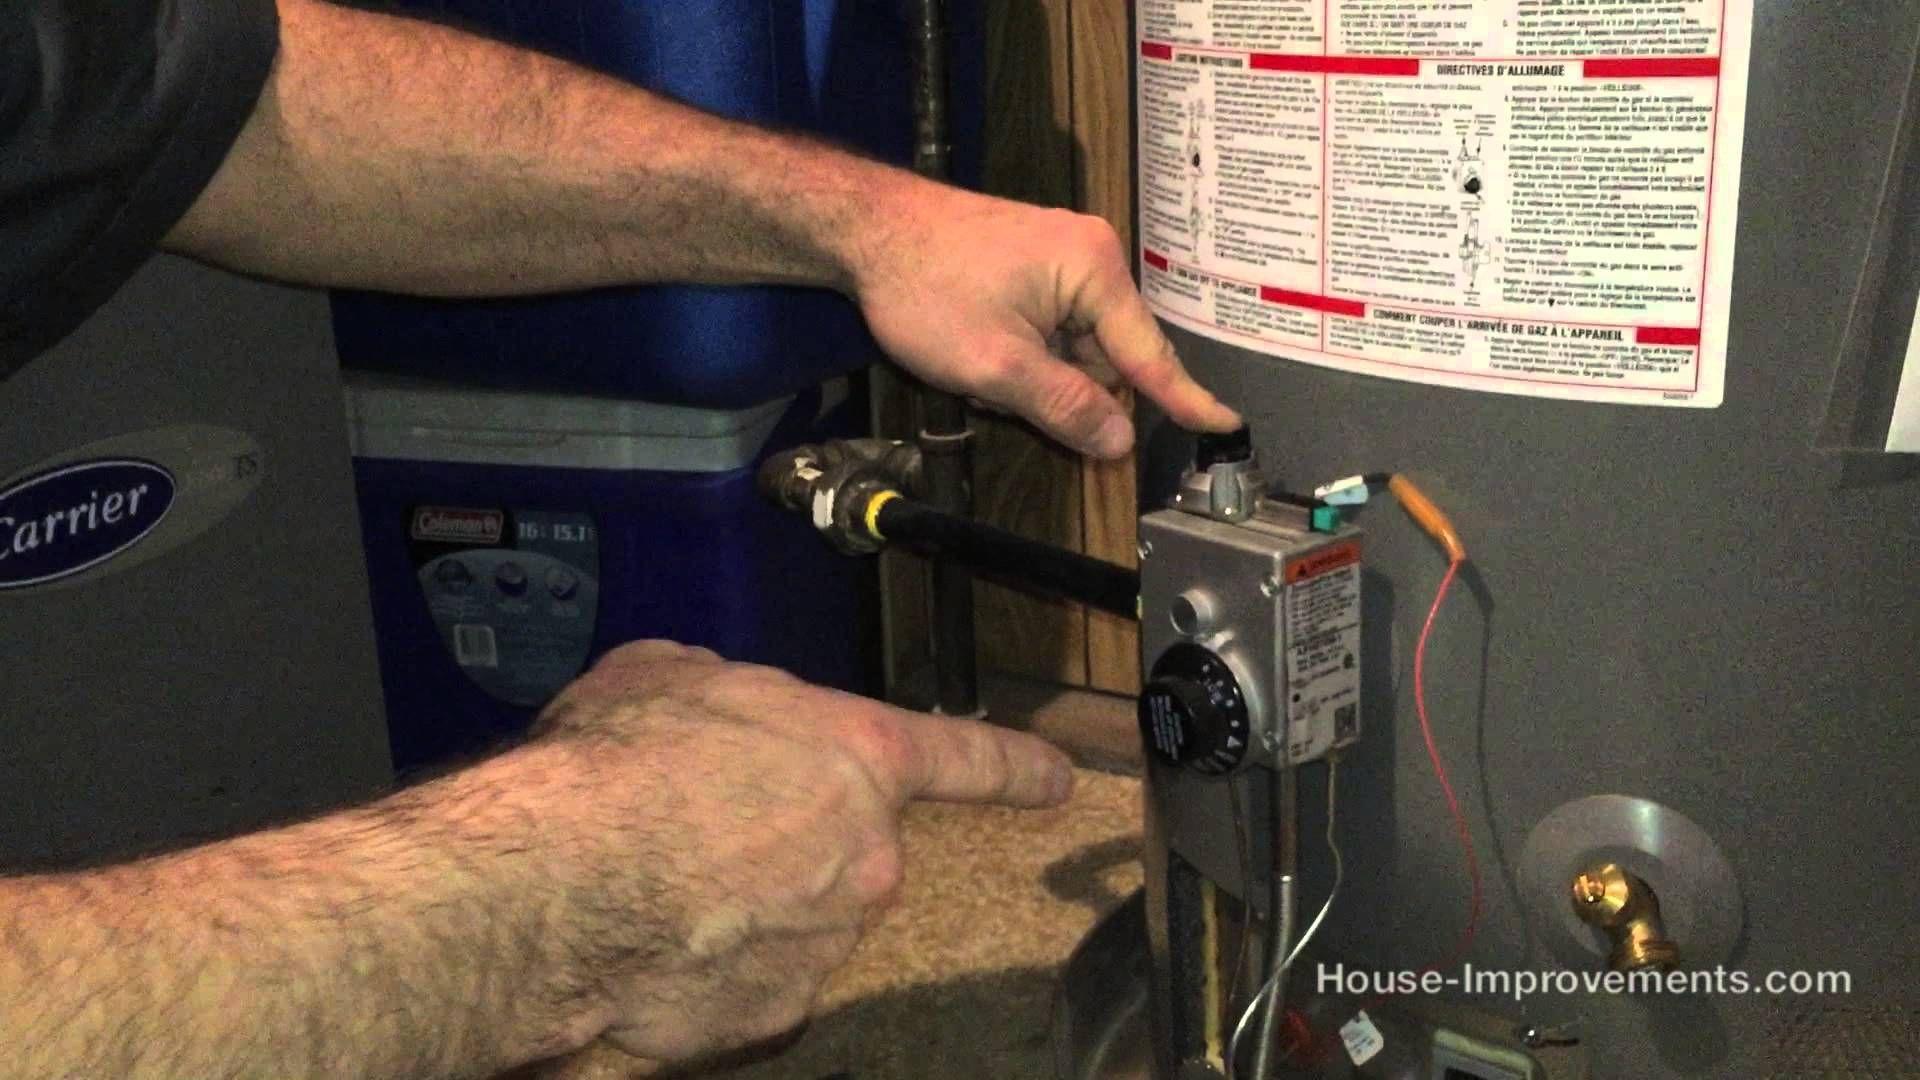 How To Light A Gas Water Heater Pilot Light Gas Water Heater Hot Water Heater Repair Water Heater